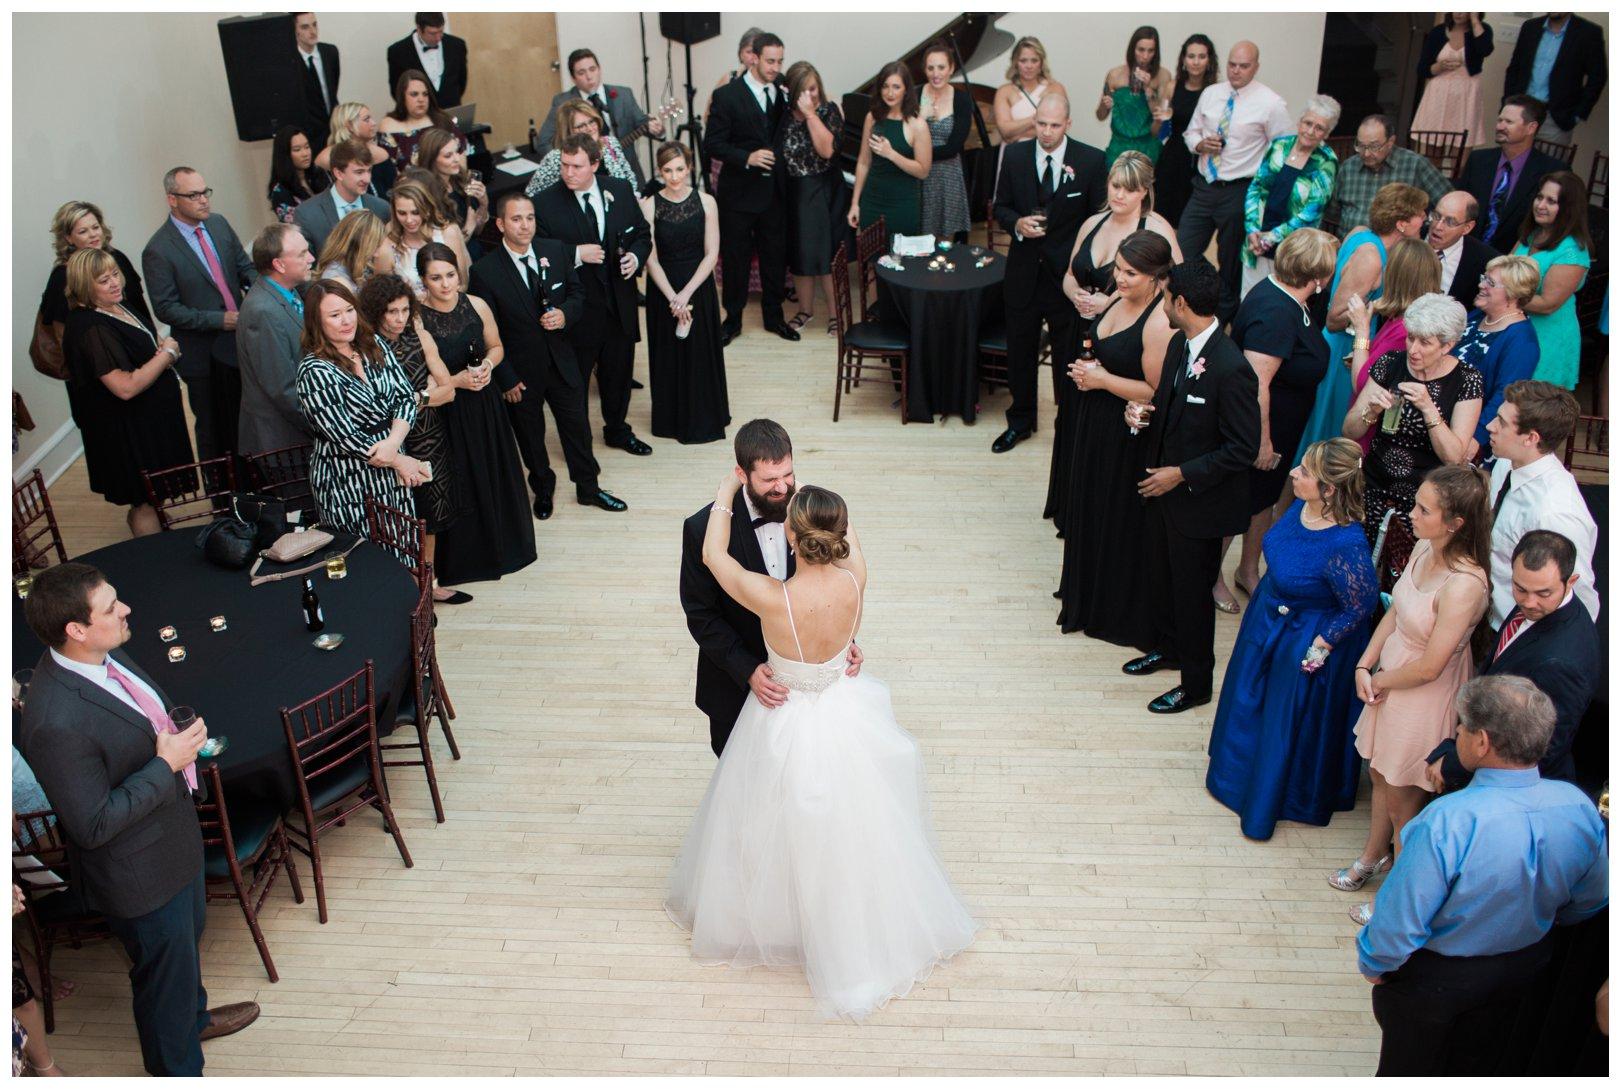 lauren muckler photography_fine art film wedding photography_st louis_photography_1121.jpg